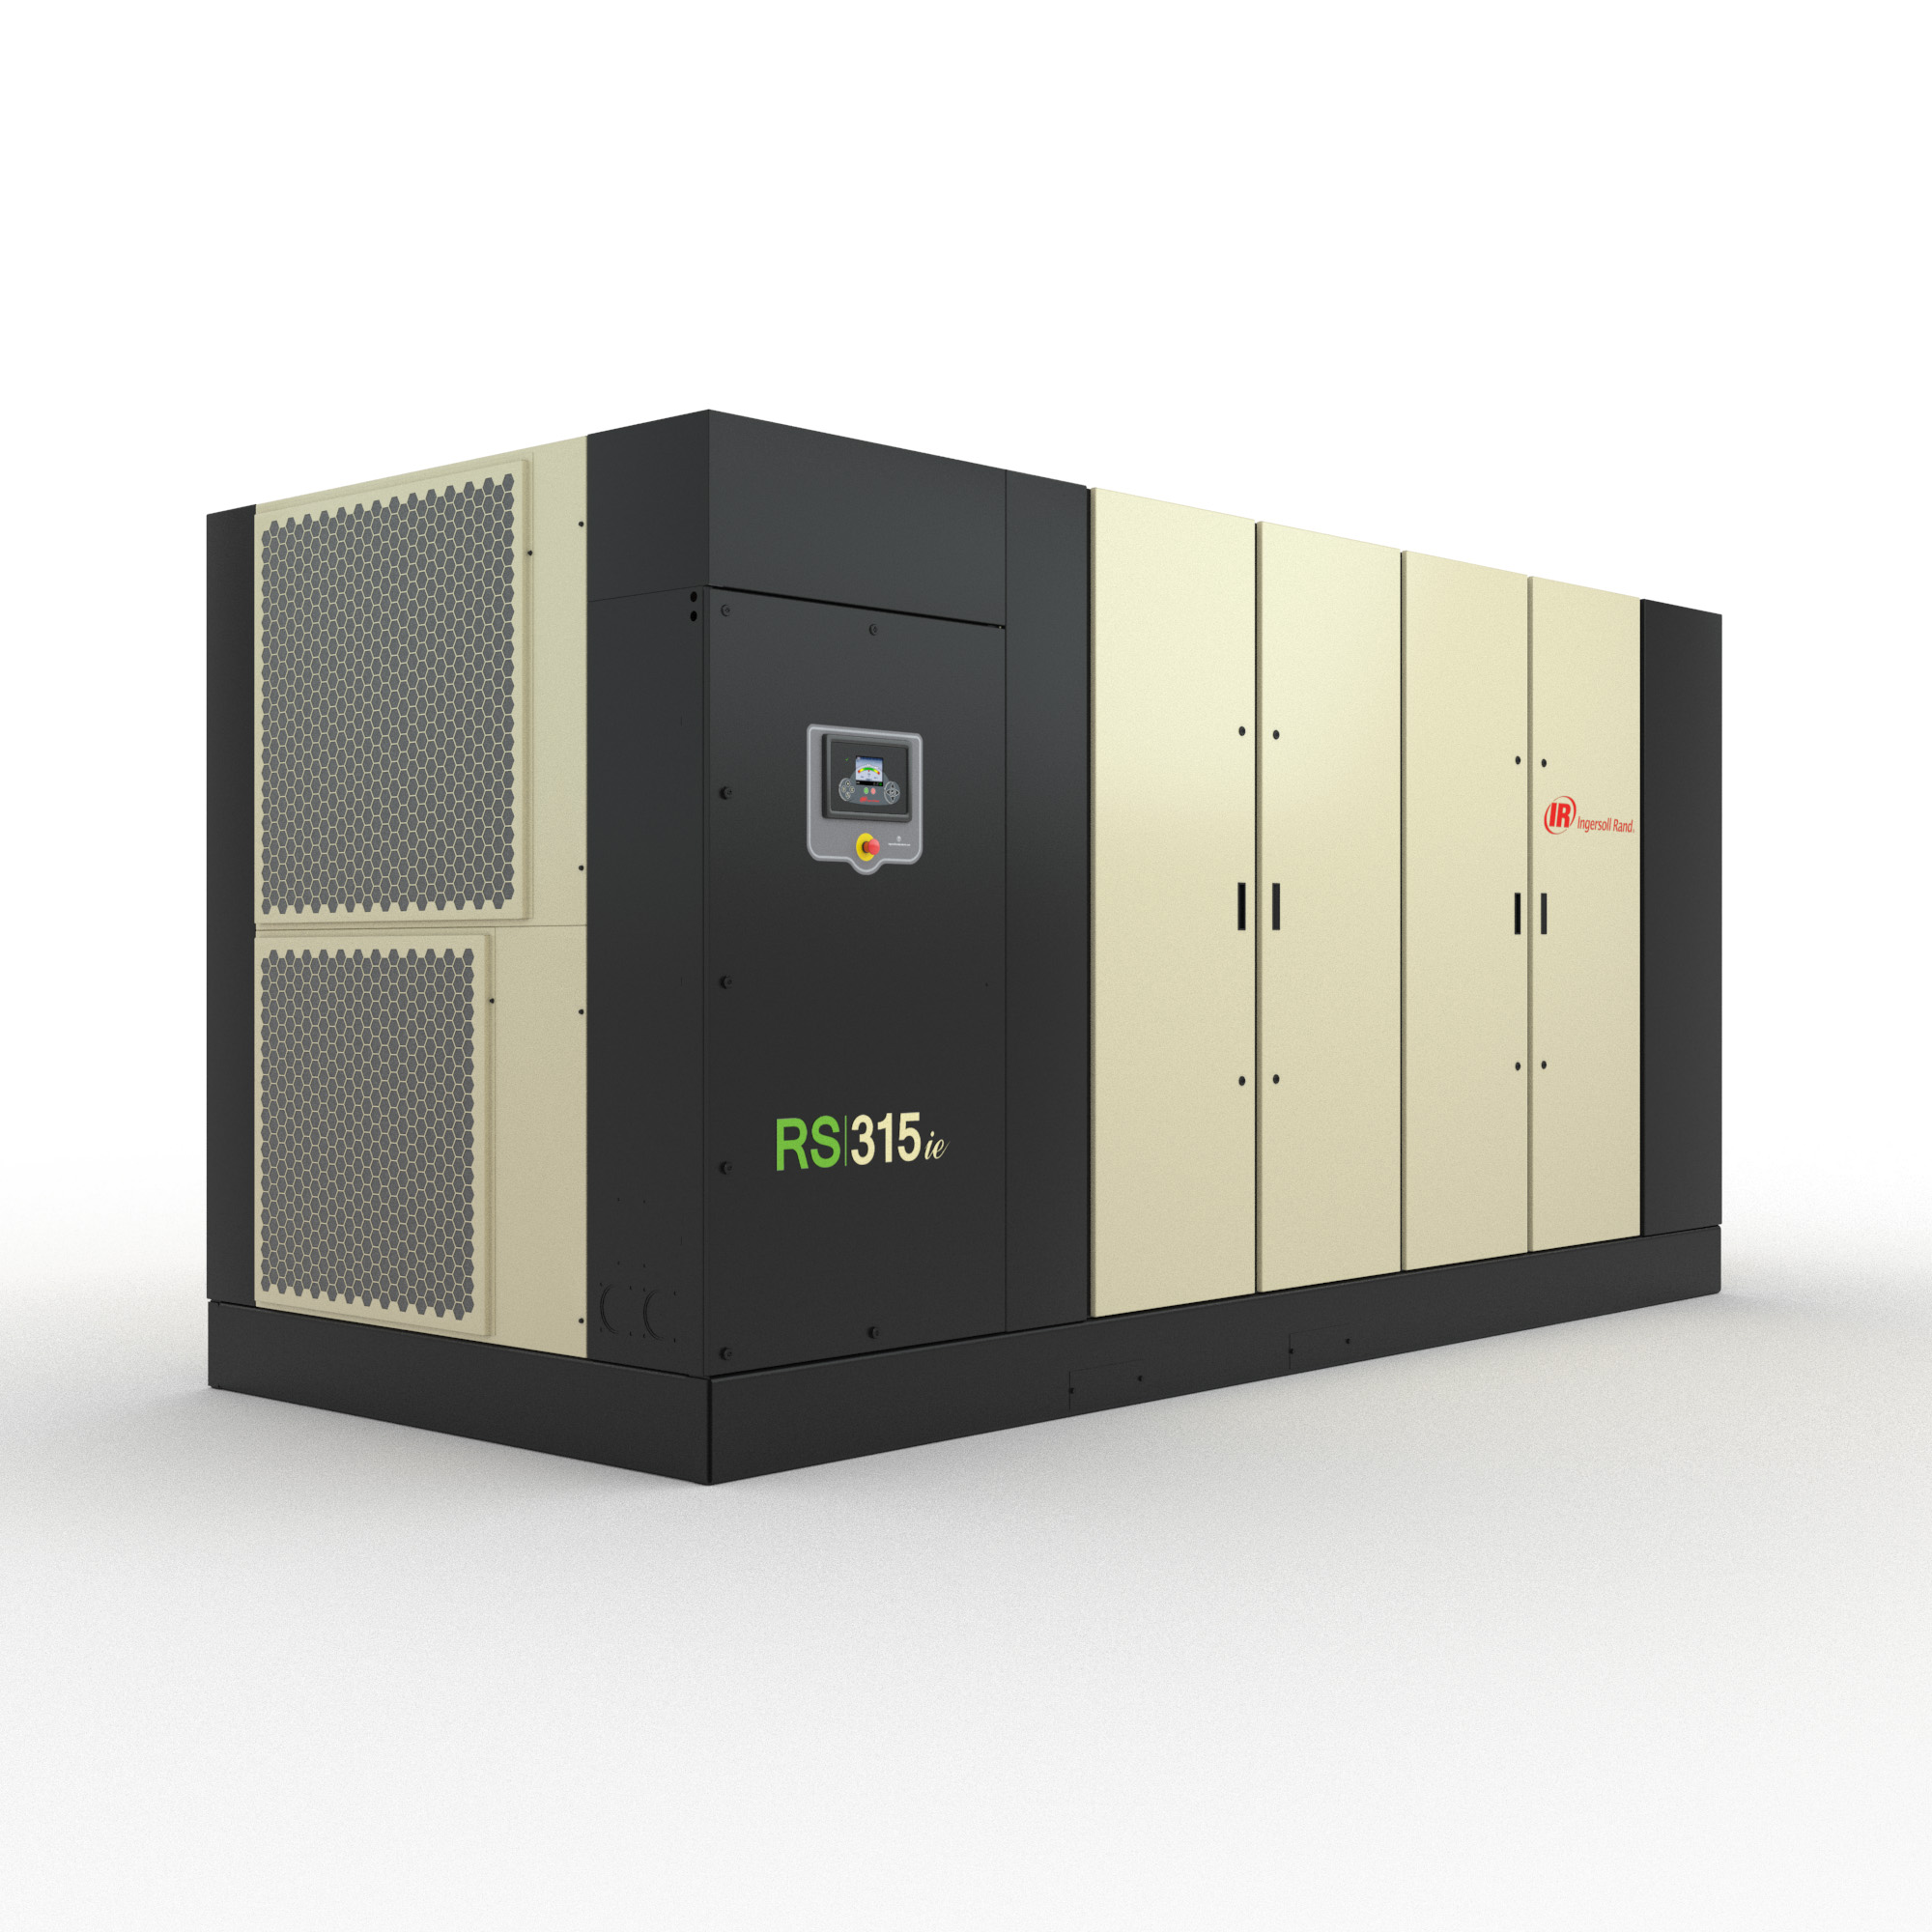 RS315-355n